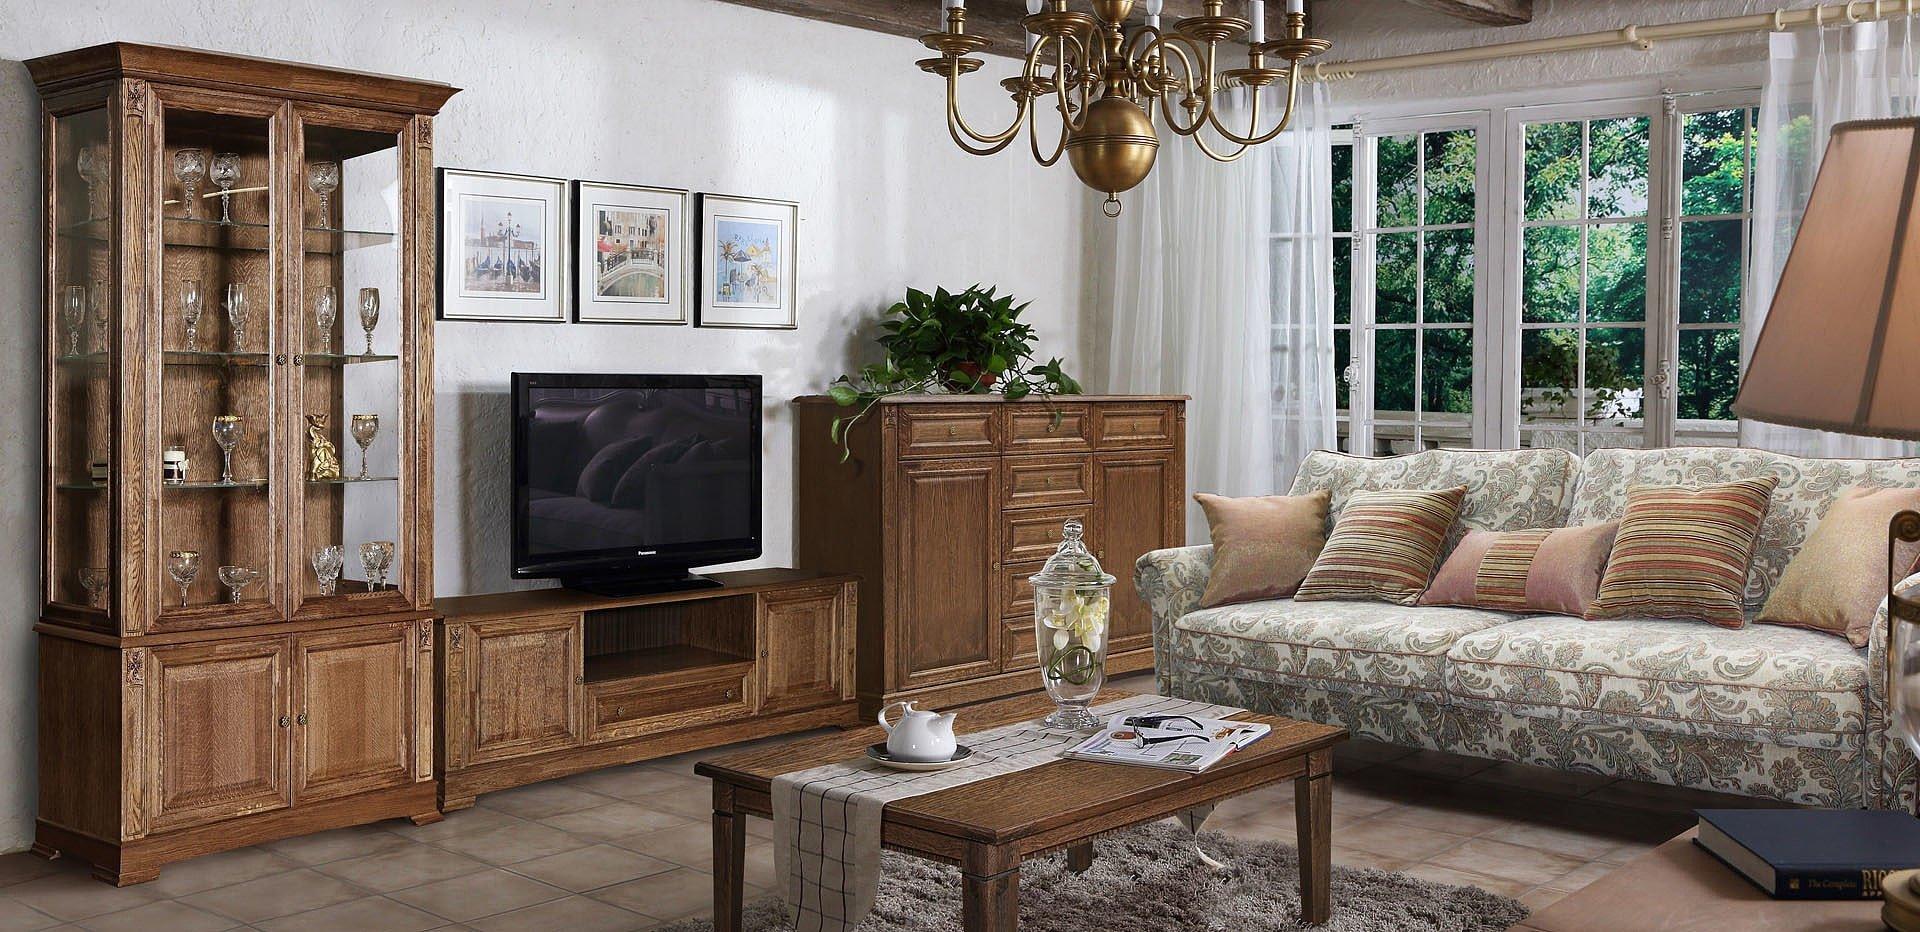 Коллекция мебели Пьемонт